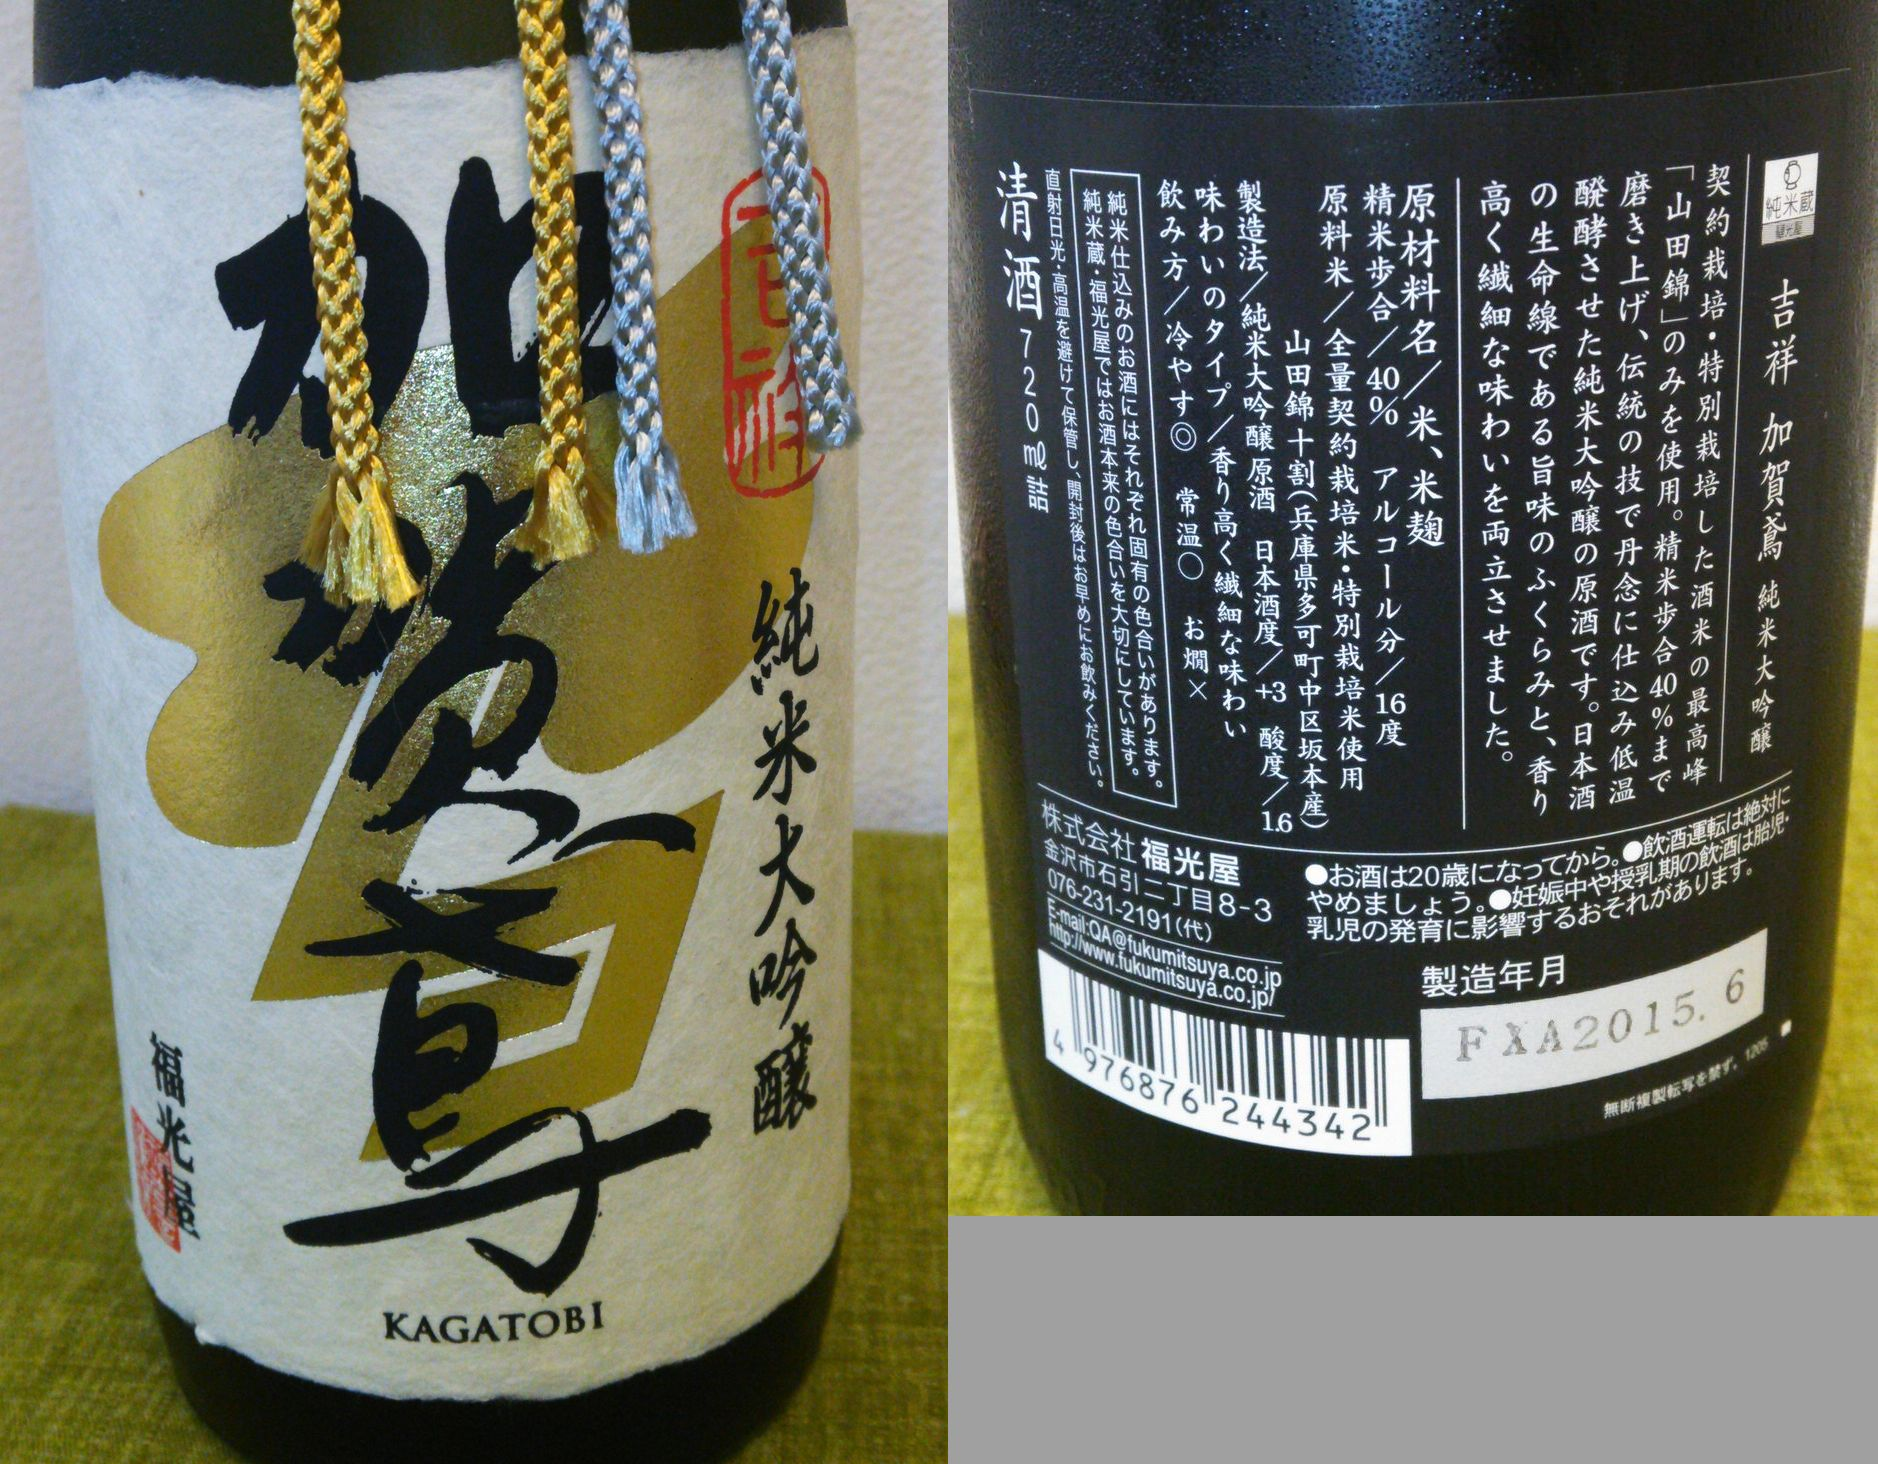 加賀鳶純米大吟醸吉祥